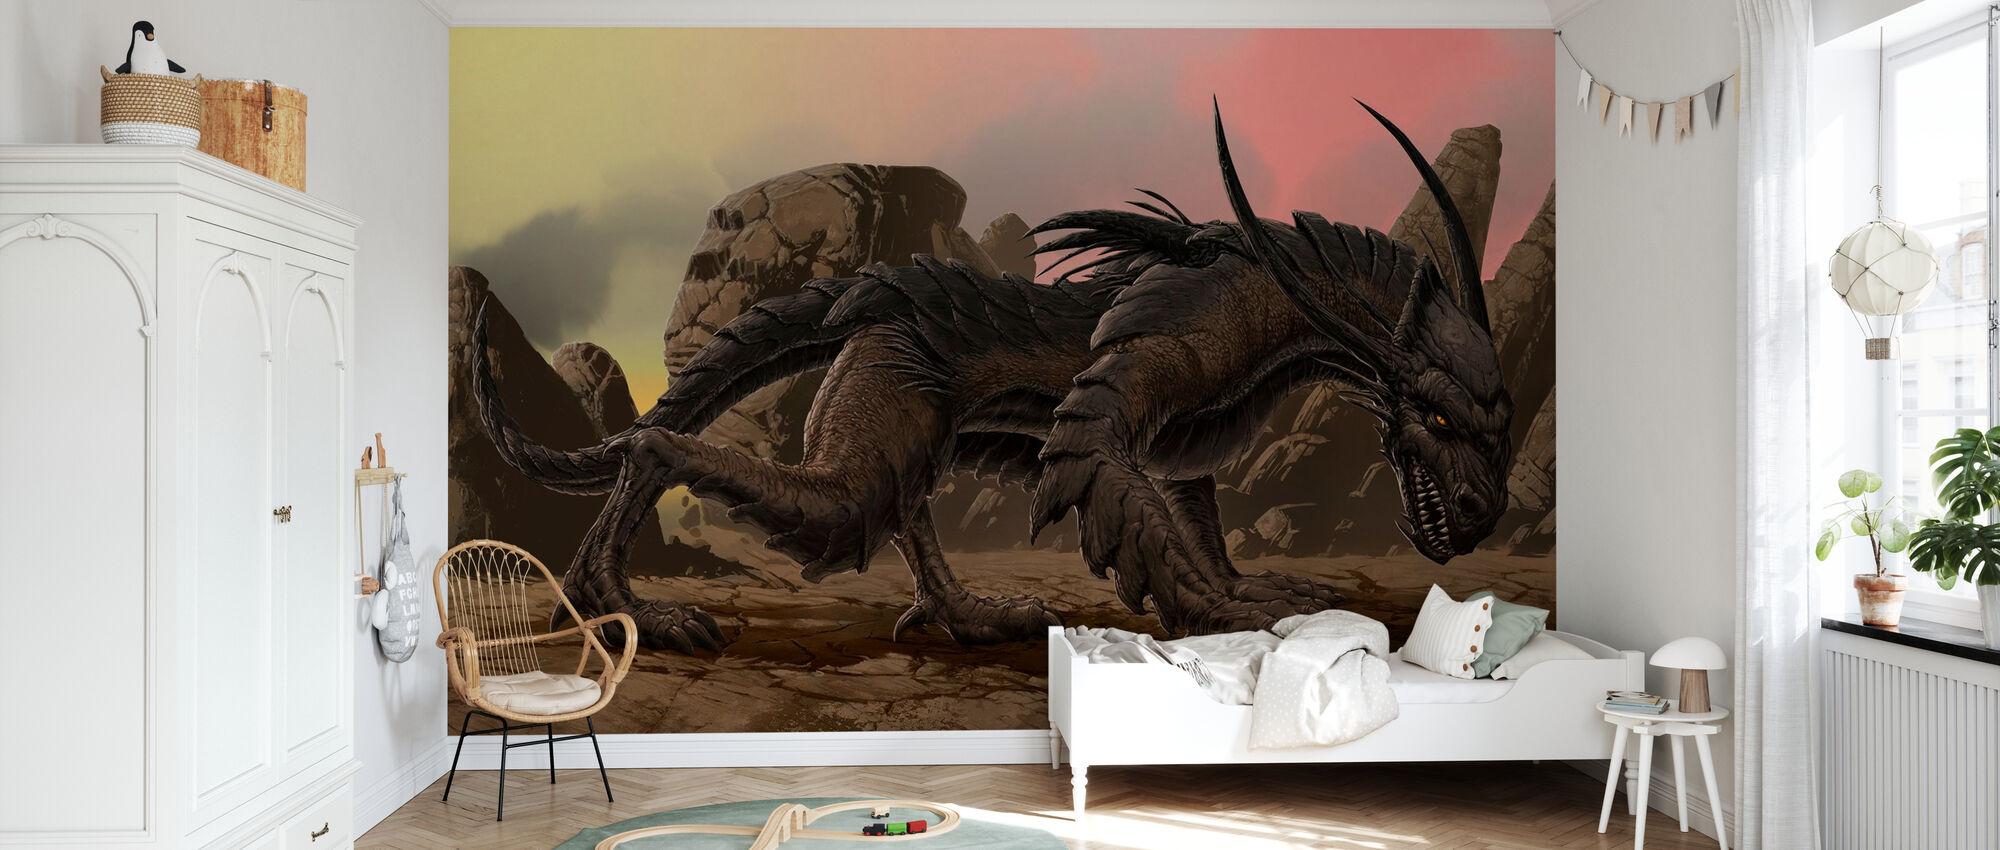 Dracor - Wallpaper - Kids Room